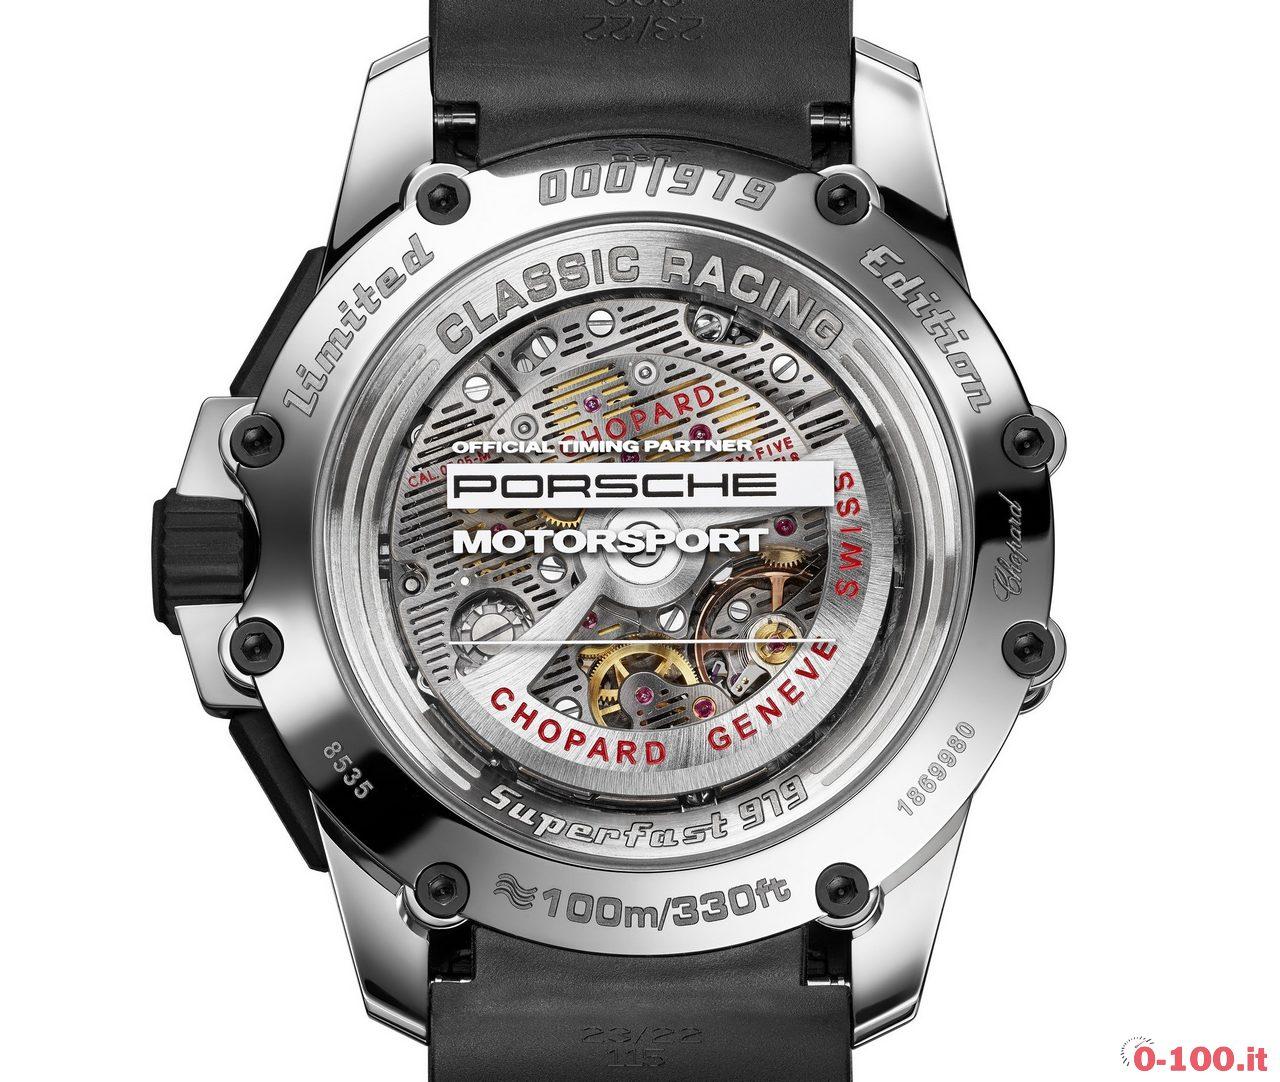 chopard-superfast-chrono-porsche-919-edition-ref-168535-3002-edizione-limitata-a-919-esemplari-prezzo-price_0-1003